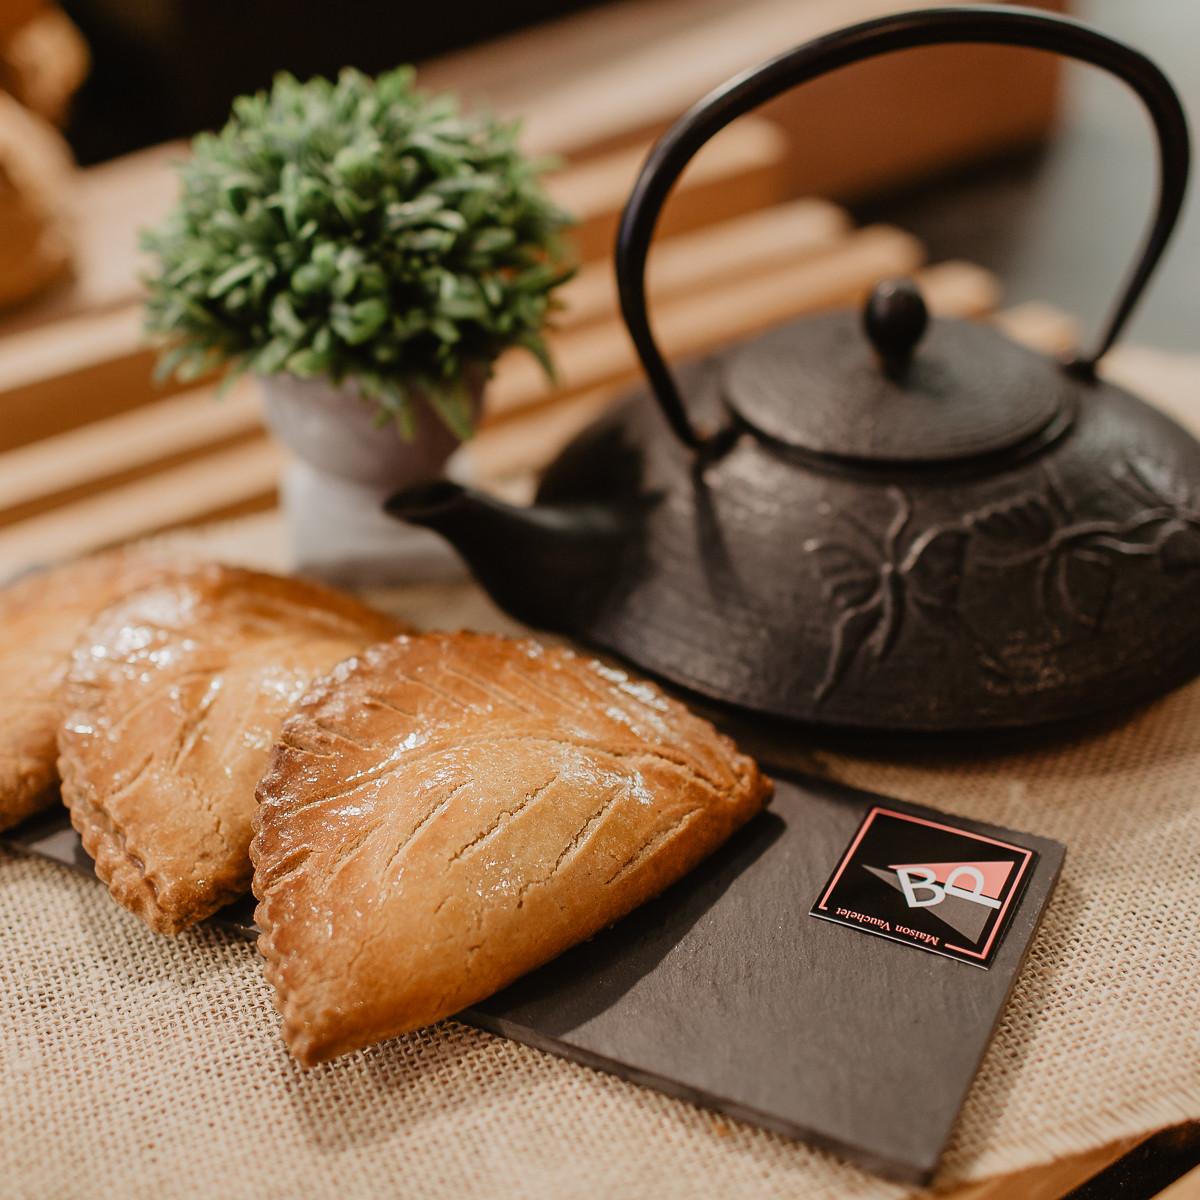 manuella-aubin-photographies-la-boulangerie-du-port-produits-7356